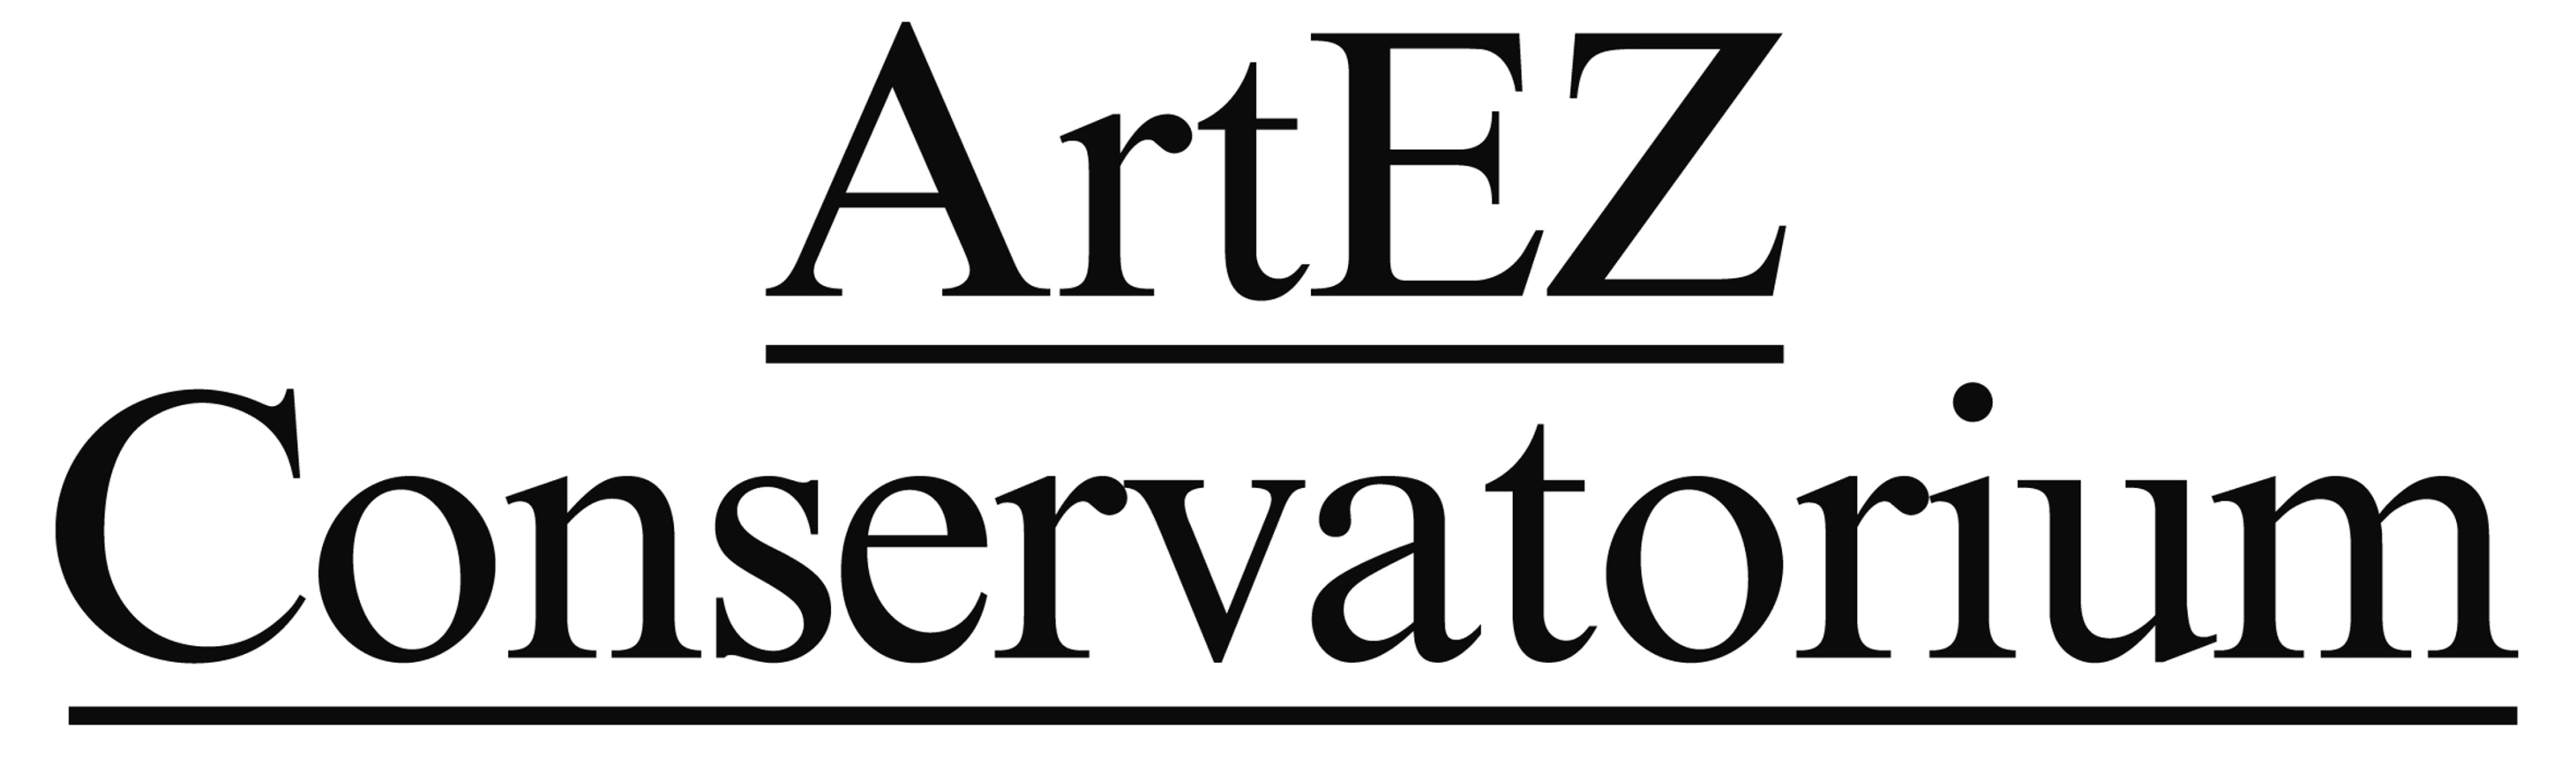 ArtEZ Conservatorium Enschede